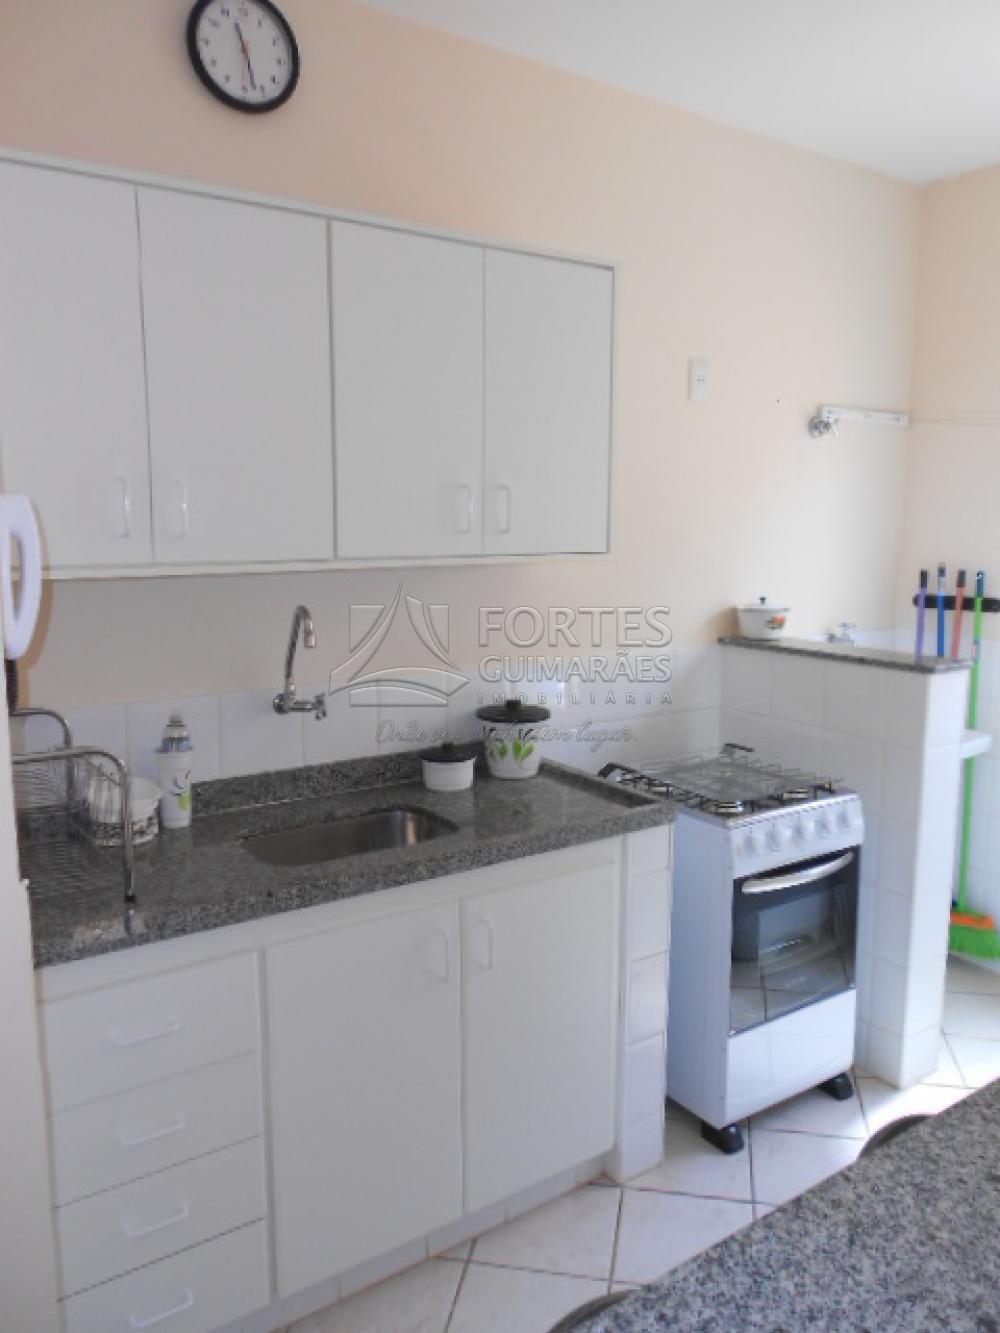 Alugar Apartamentos / Mobiliado em Ribeirão Preto apenas R$ 900,00 - Foto 19